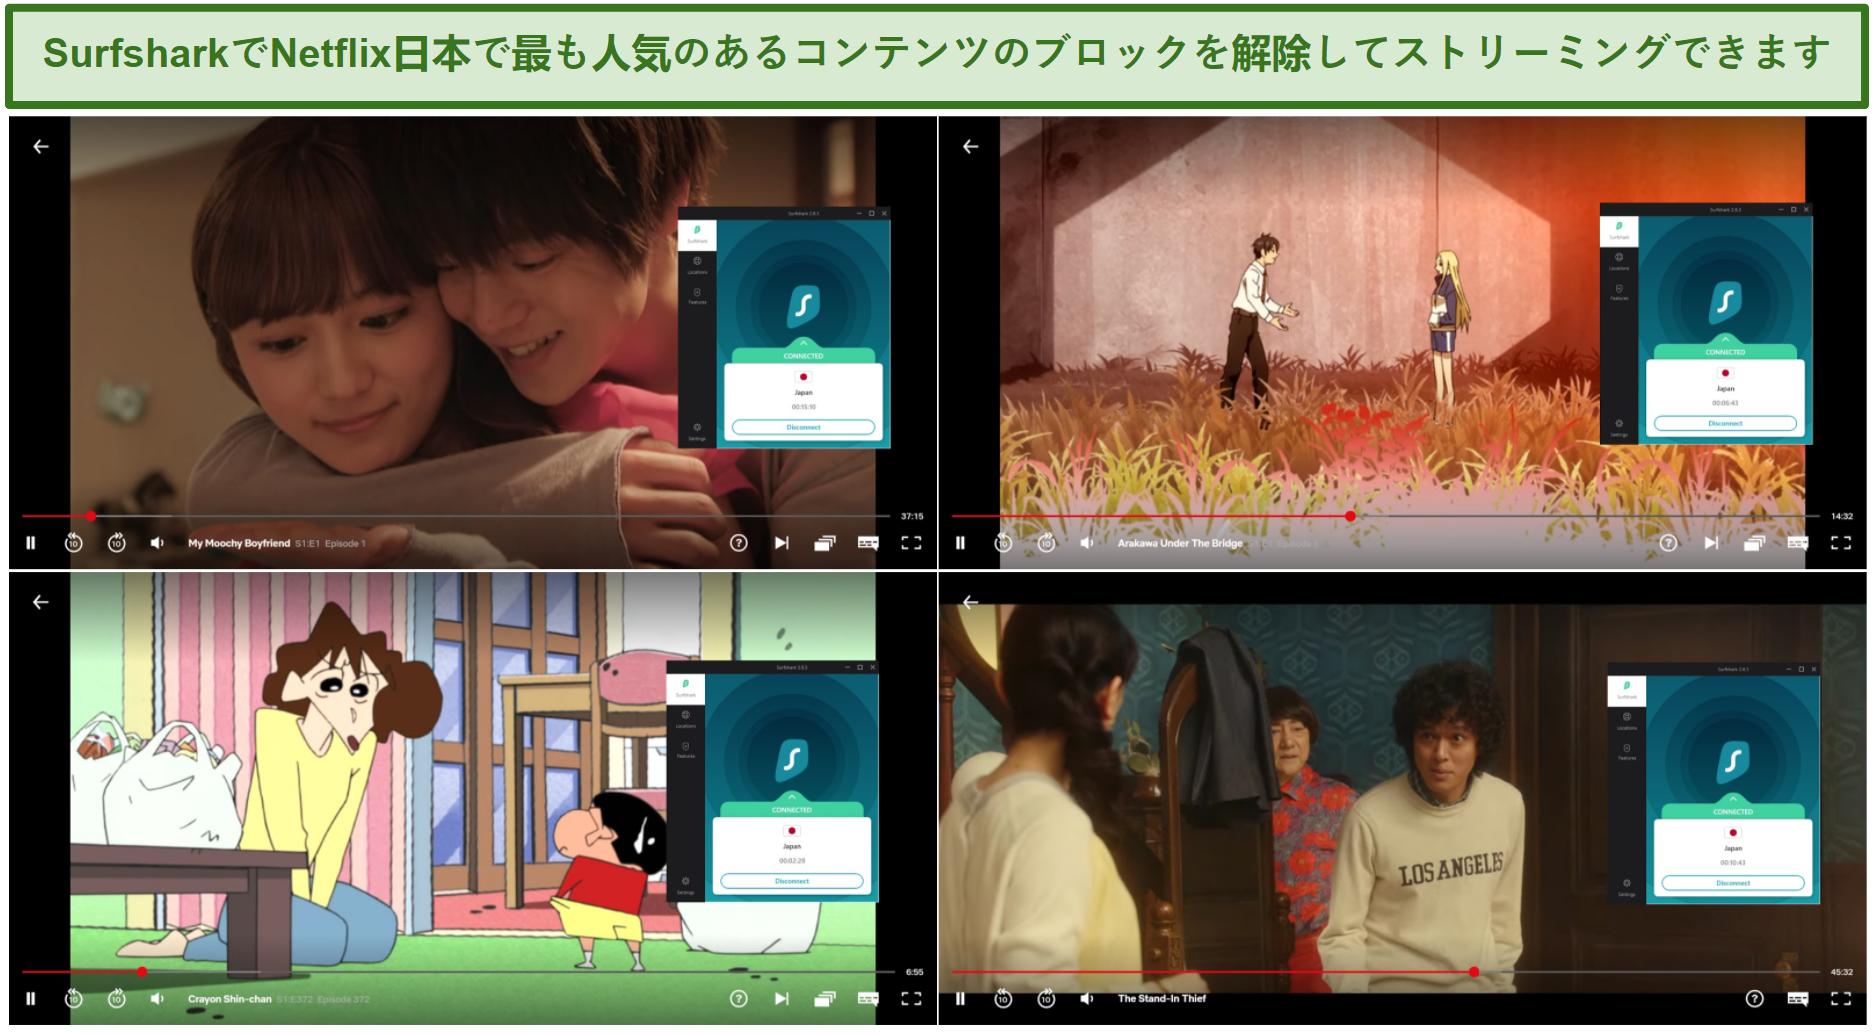 Netflix Japanで、ヒモメン、荒川アンダーザブリッジ、クレヨンしんちゃん、代役泥棒のブロックを解除するSurfsharkのスクリーンショット